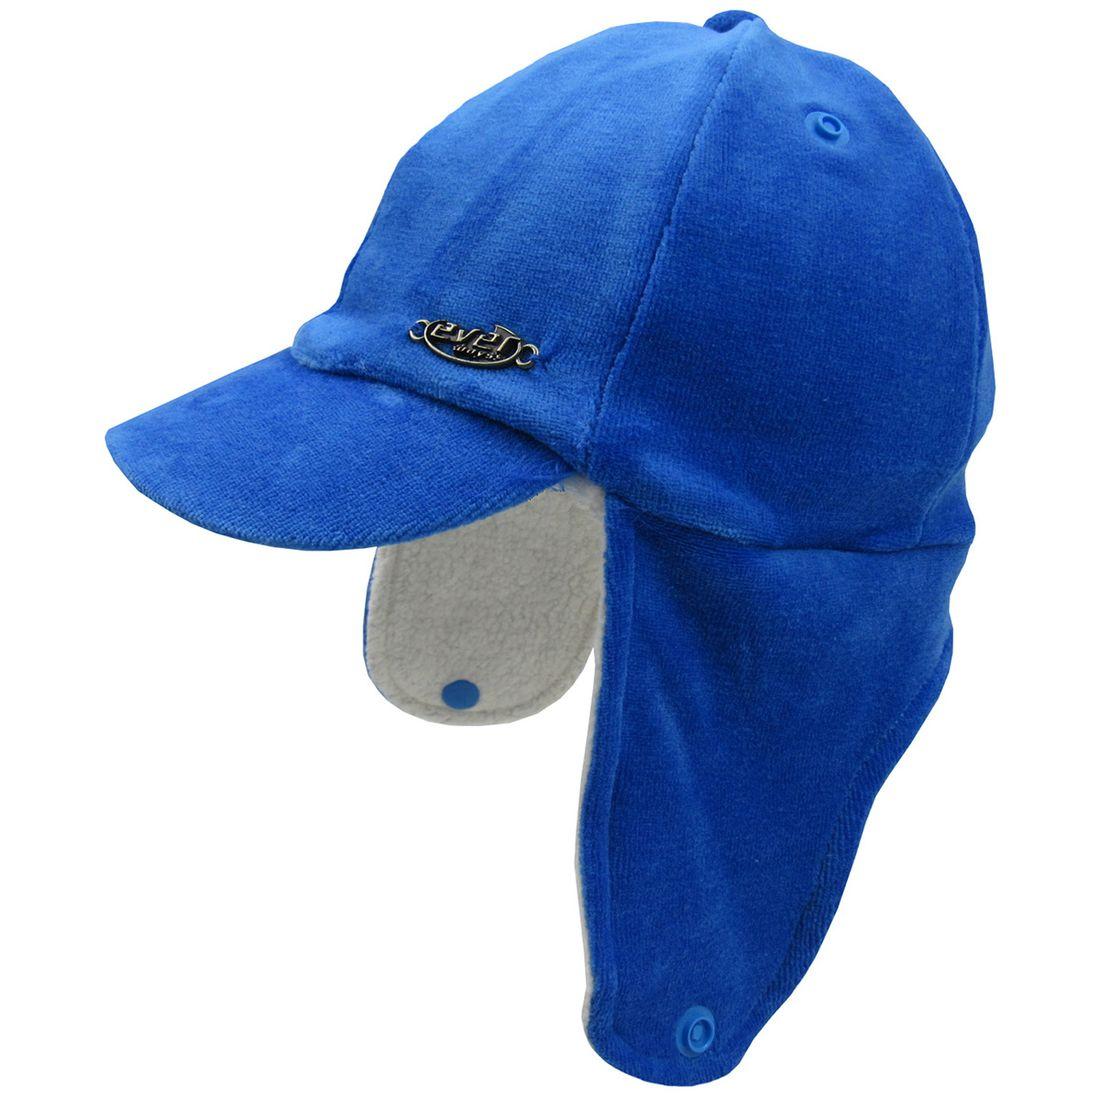 1a2d230bb0ad6 Boné Bebê Masculino com Proteção de Orelha em Plush Azul Royal ...